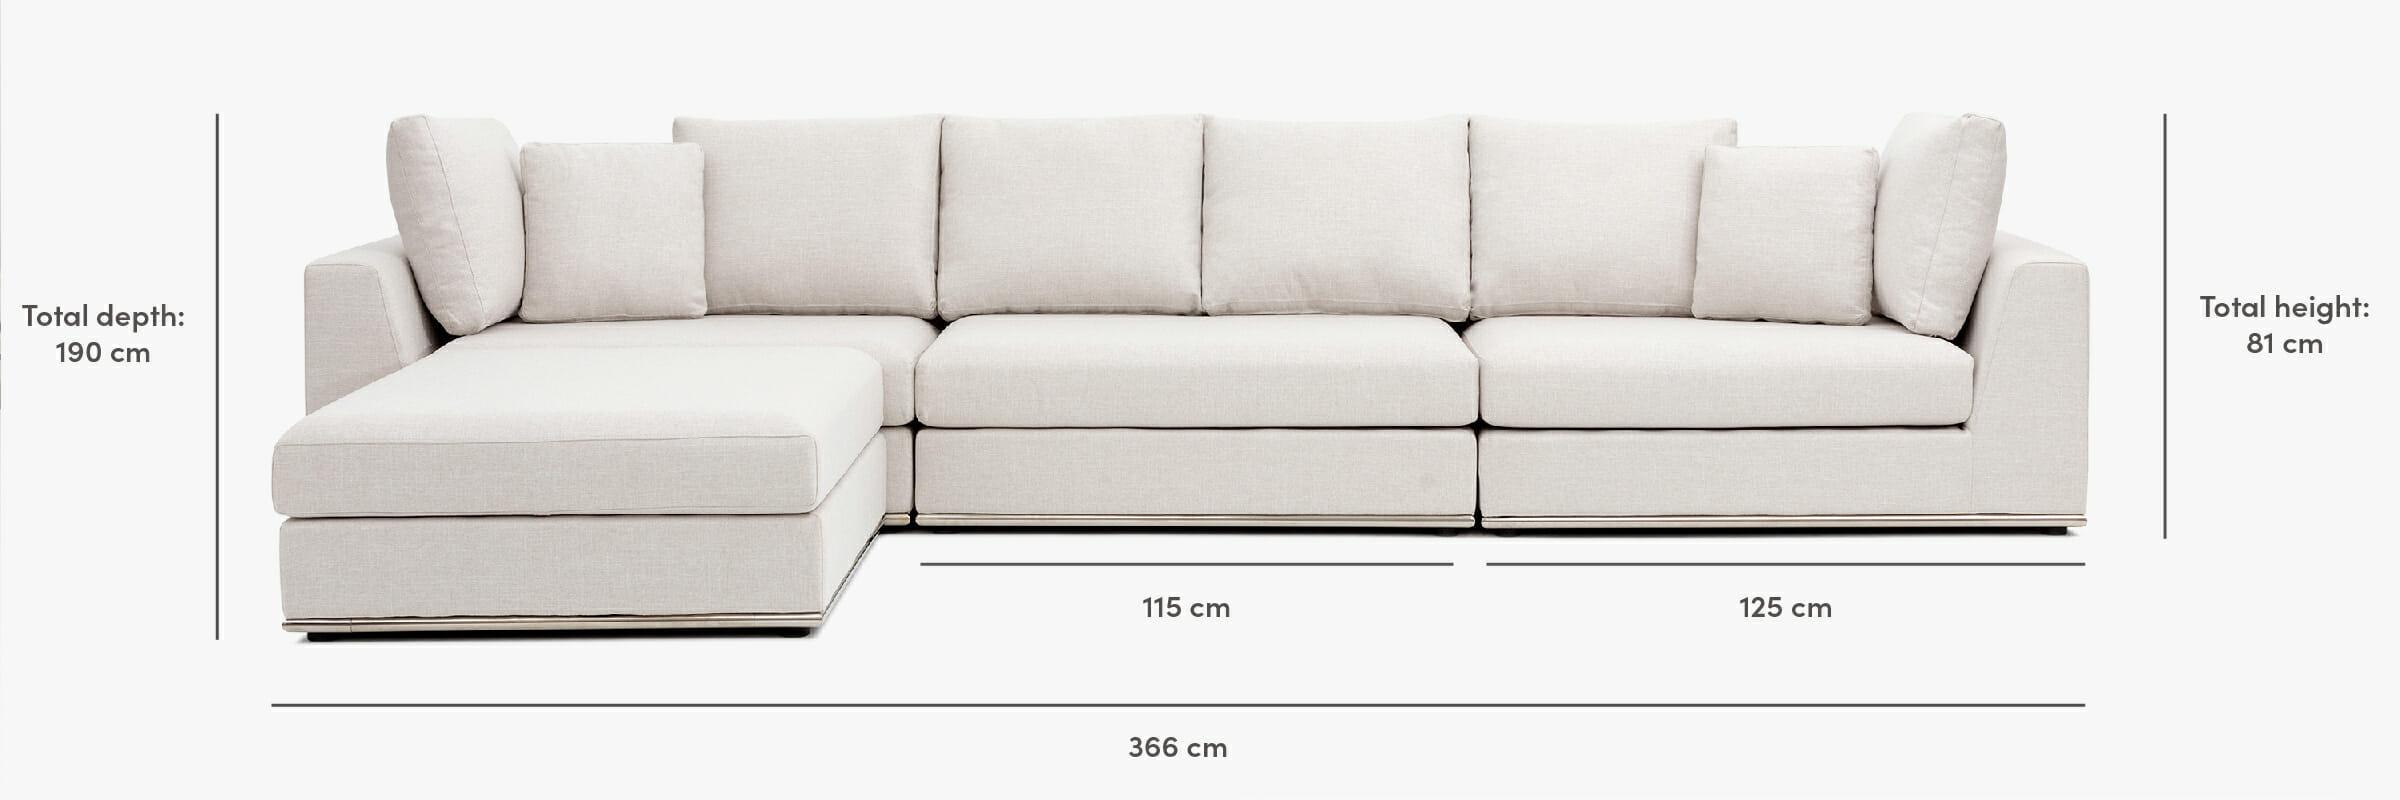 Flow XL dimensions